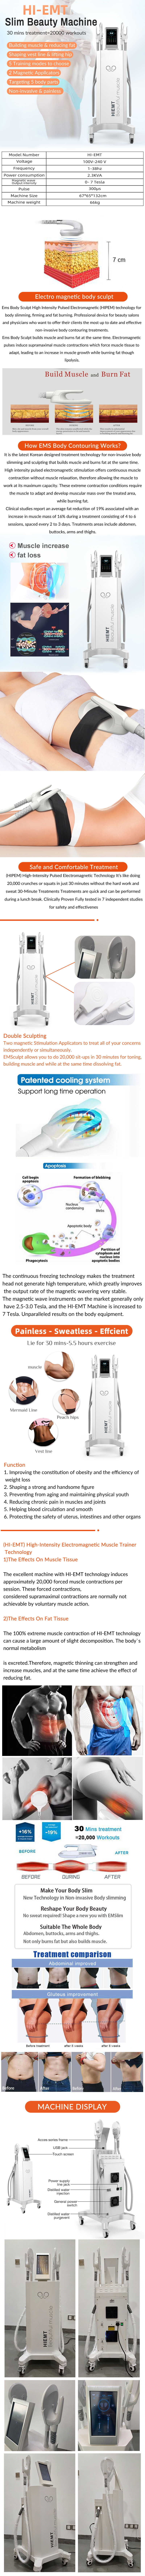 emsculpt machine for sale-Product-Description-1